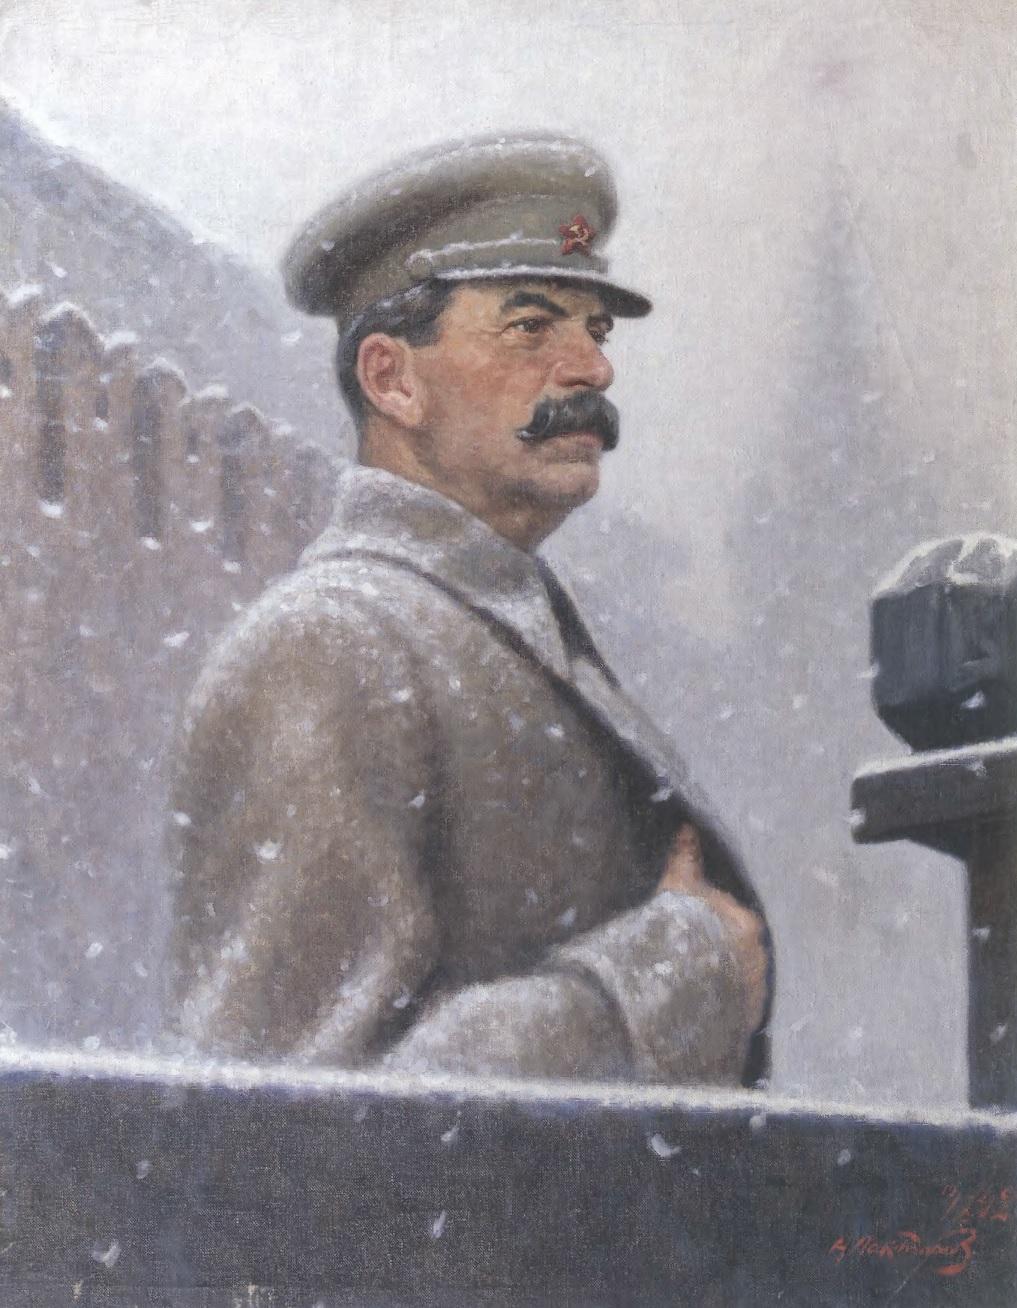 АЛЕКСАНДР ЛАКТИОНОВ. Речь товарища Сталина 7 ноября 1941 года. 1942. Холст, масло 130,5 х 100 см Севастопольский художественный музей